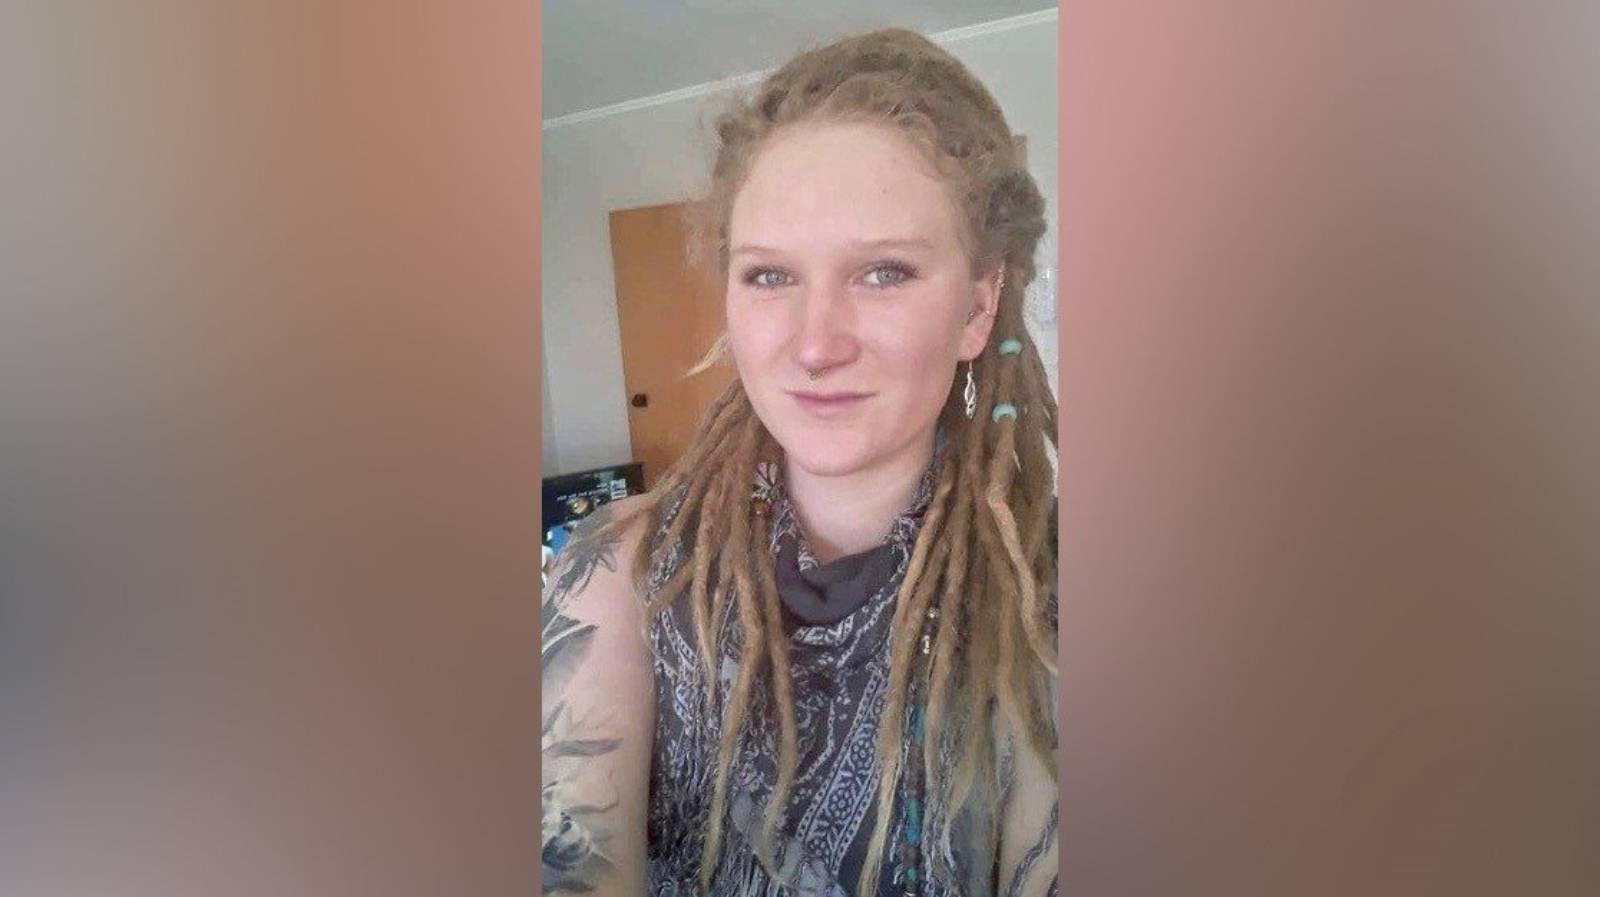 Public find longboard belonging to woman found dead on Port Hills